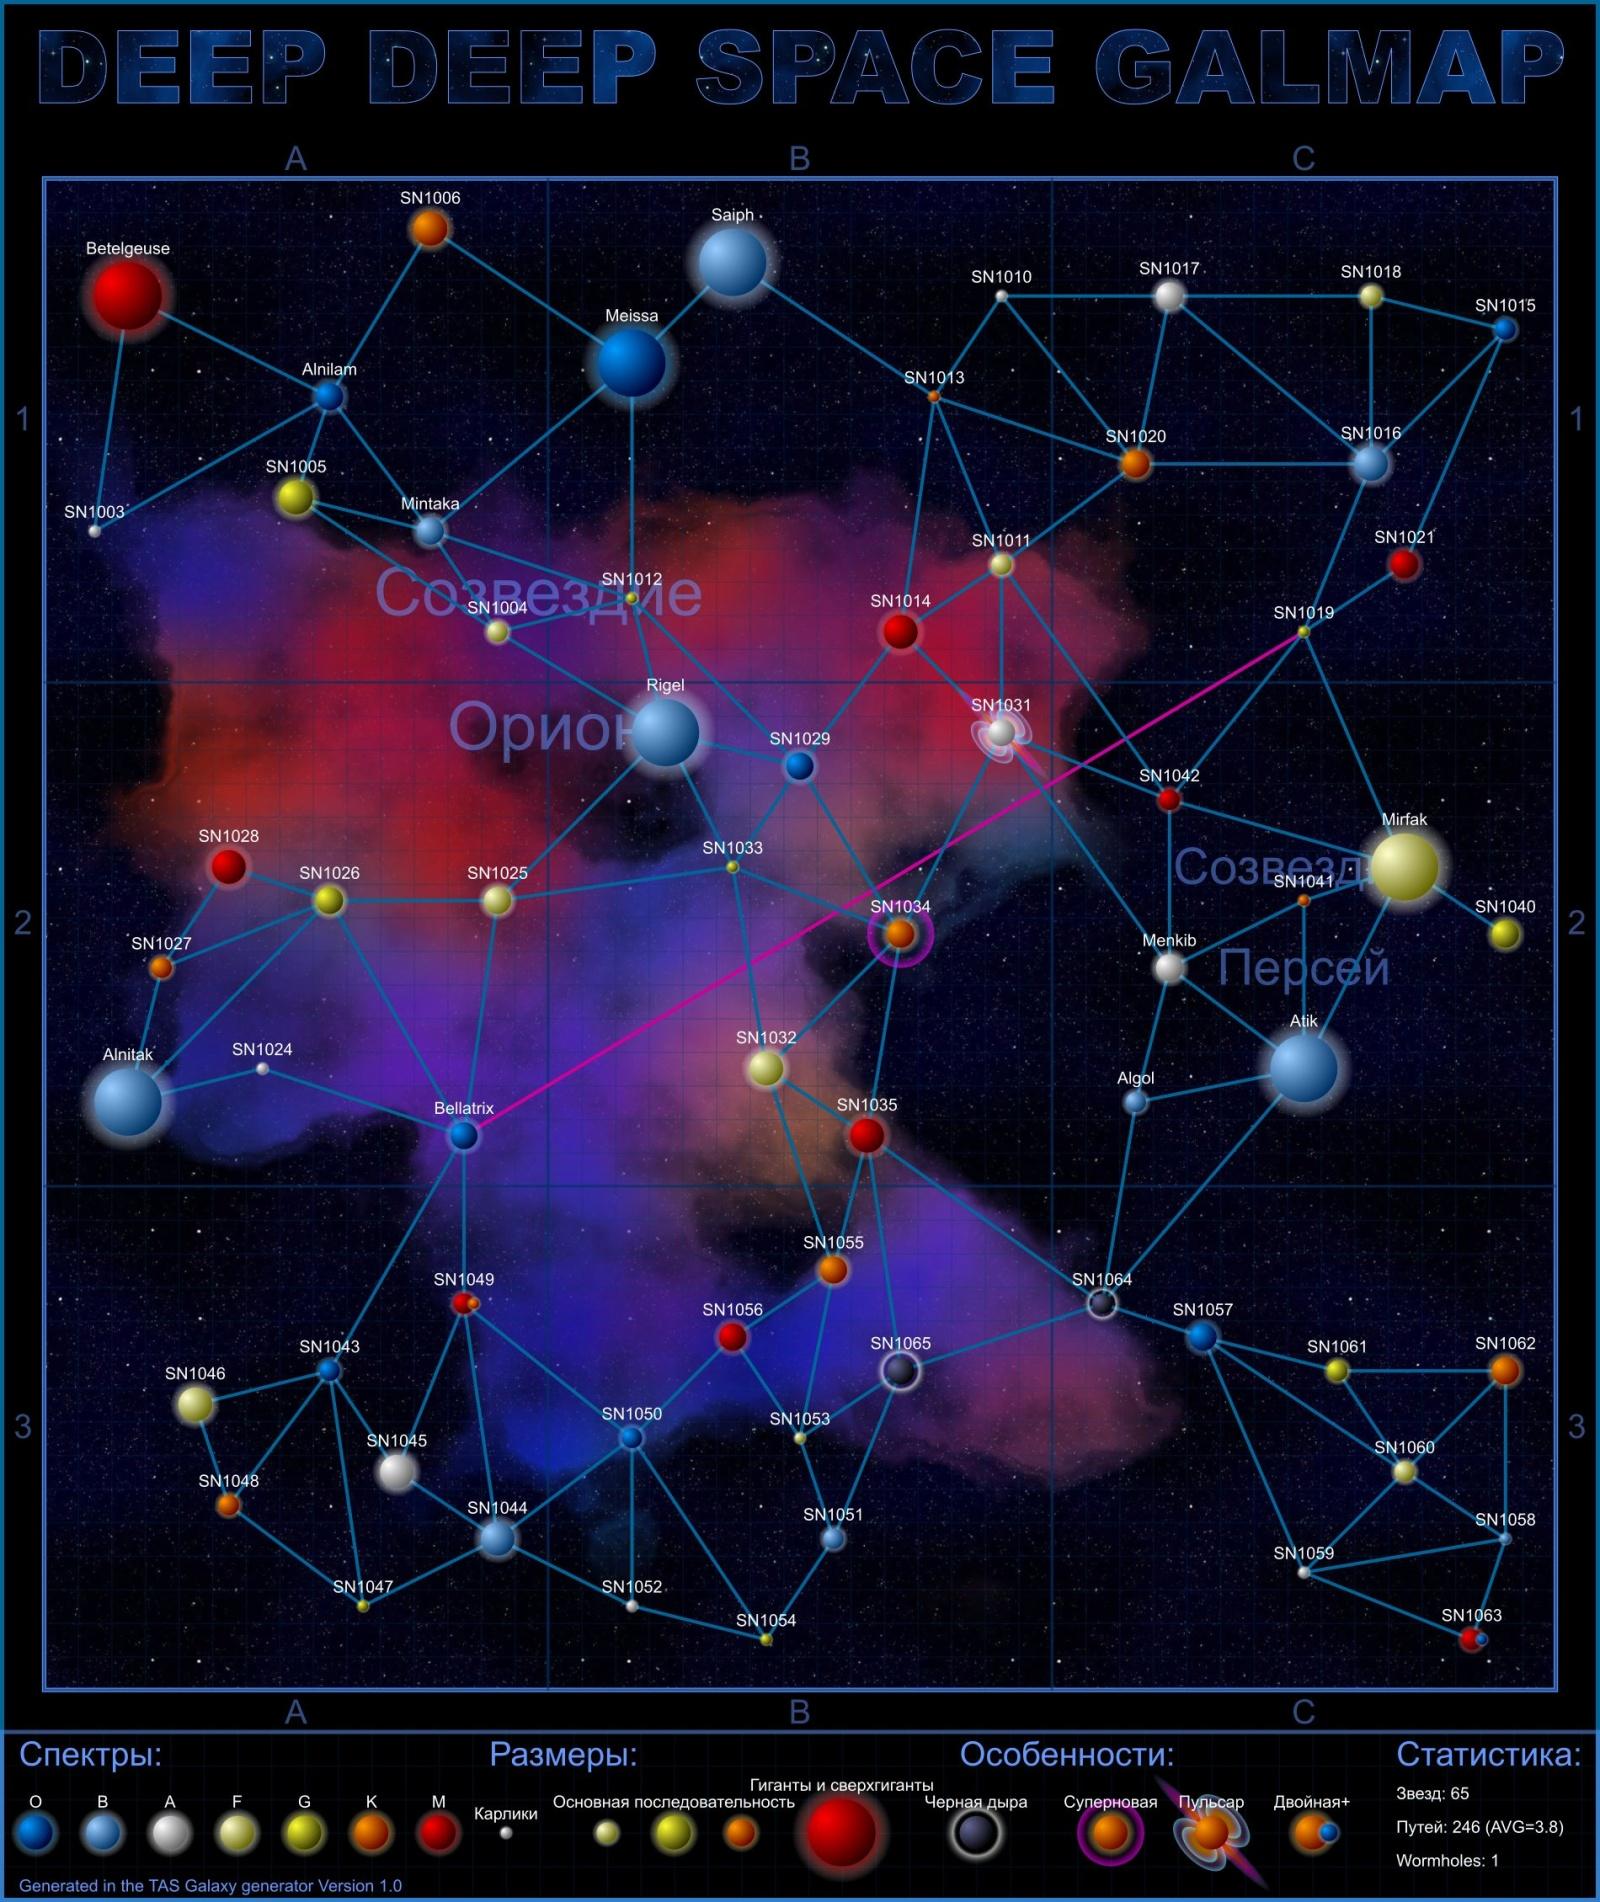 Генерация Галактики и обучение начальным знаниям астрономии - 3